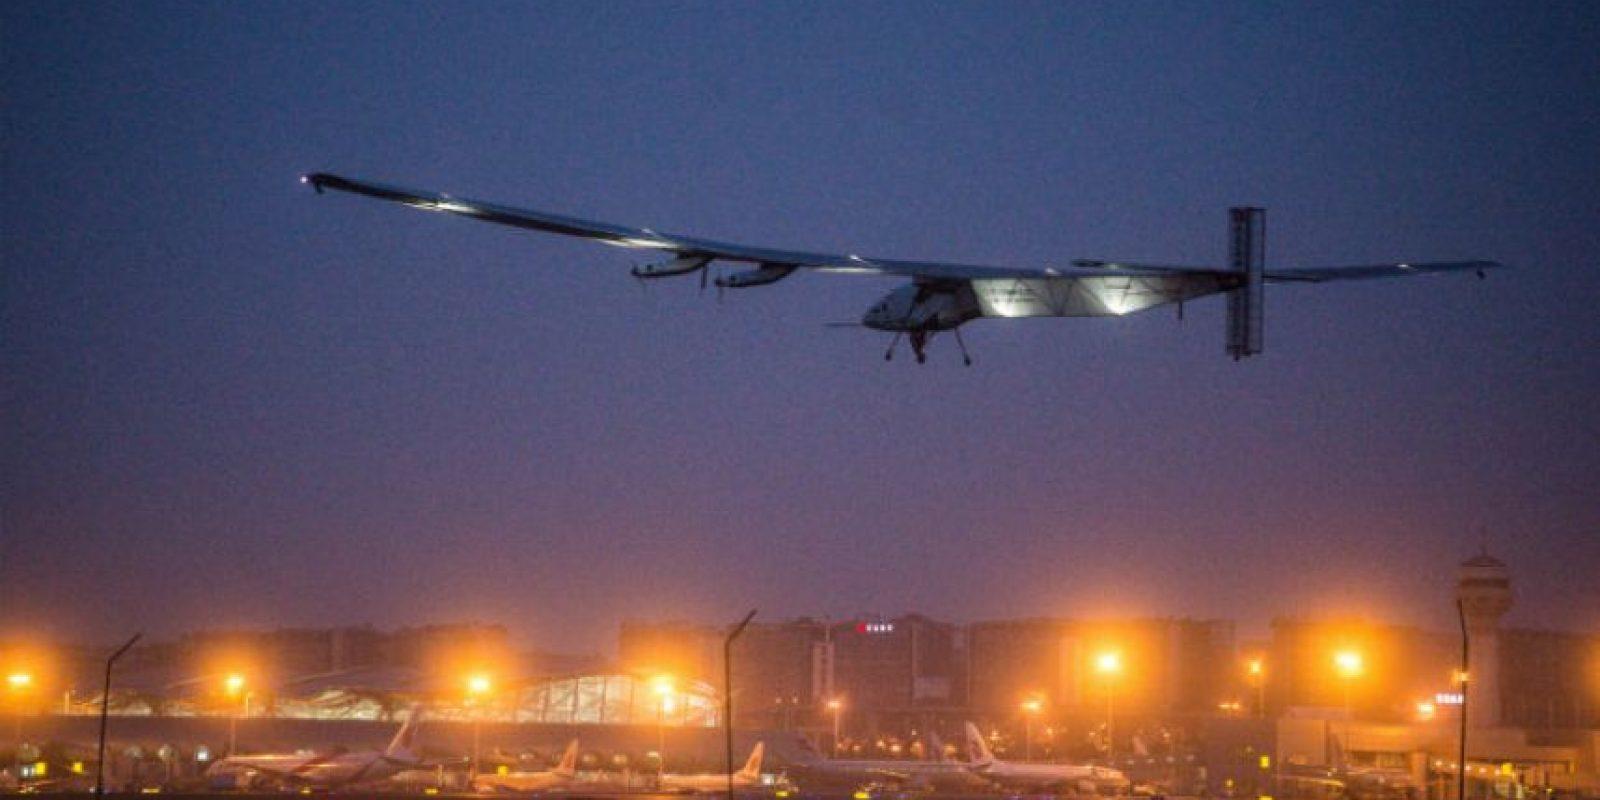 Para su reparación el avión permanecerá en Hawái. Foto:Getty Images